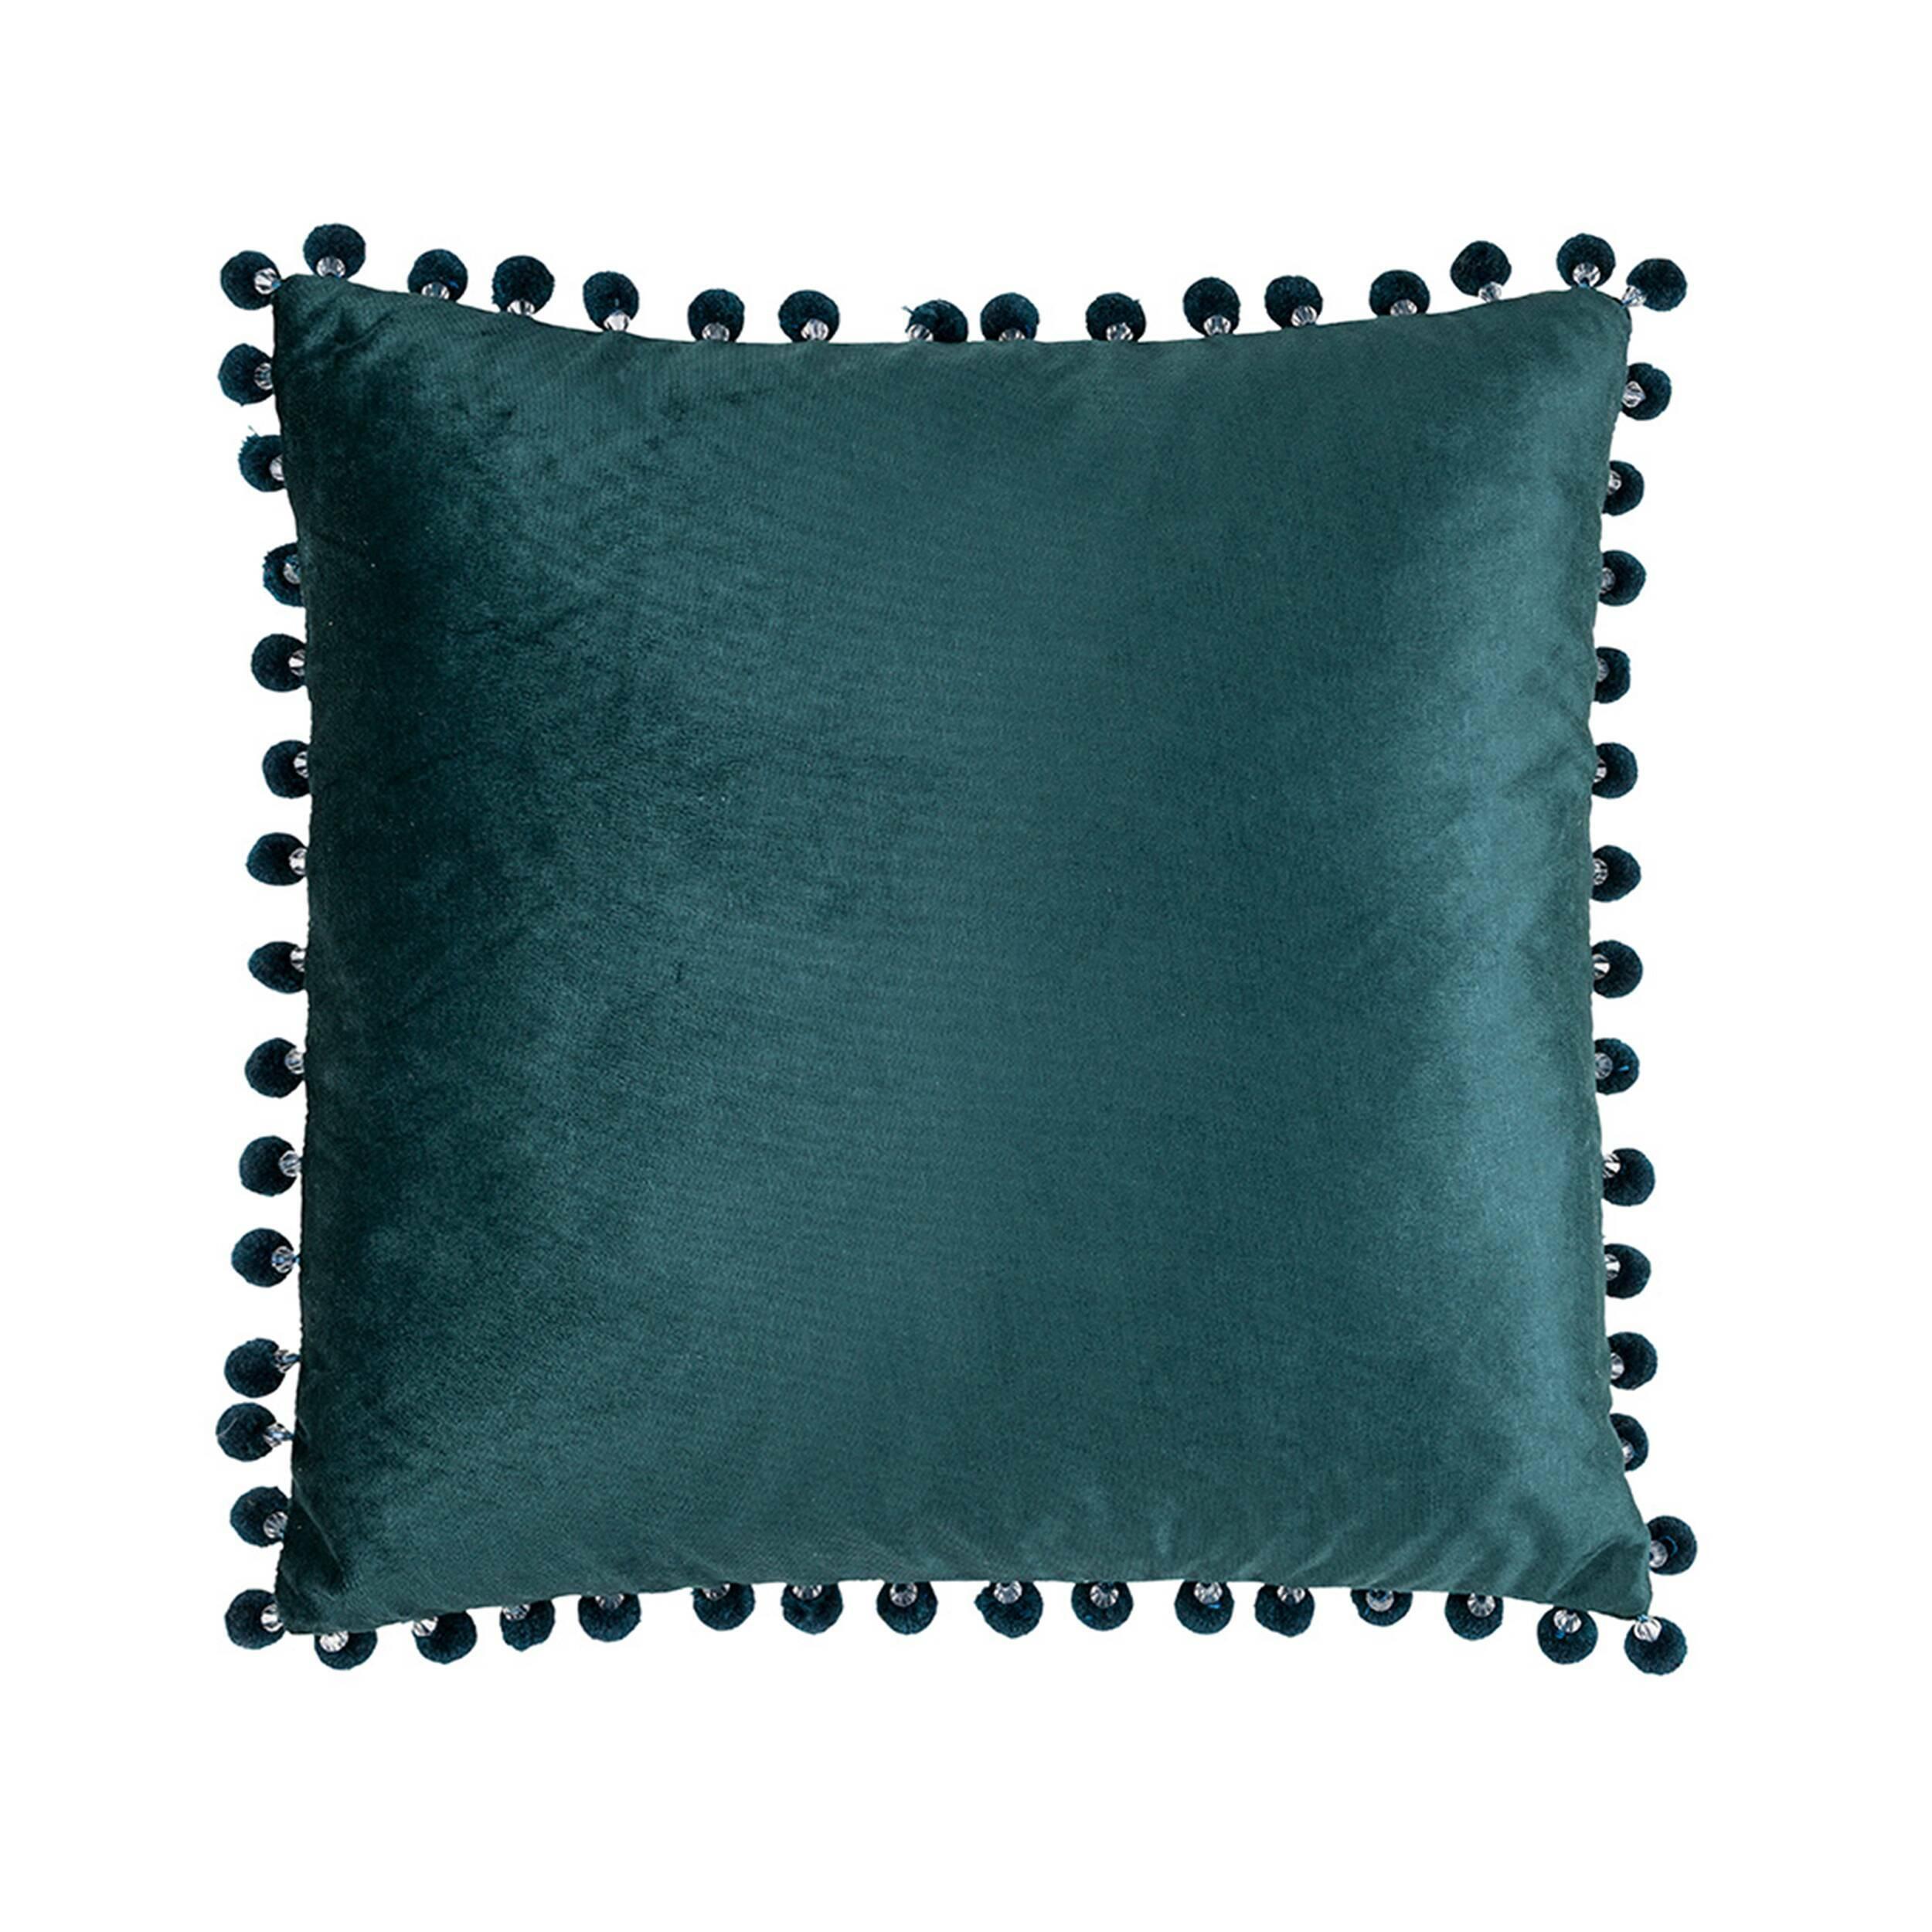 Купить Декоративная подушка JOSELYN (01025317588), Cosmo, Зеленый, полиэстер, перо